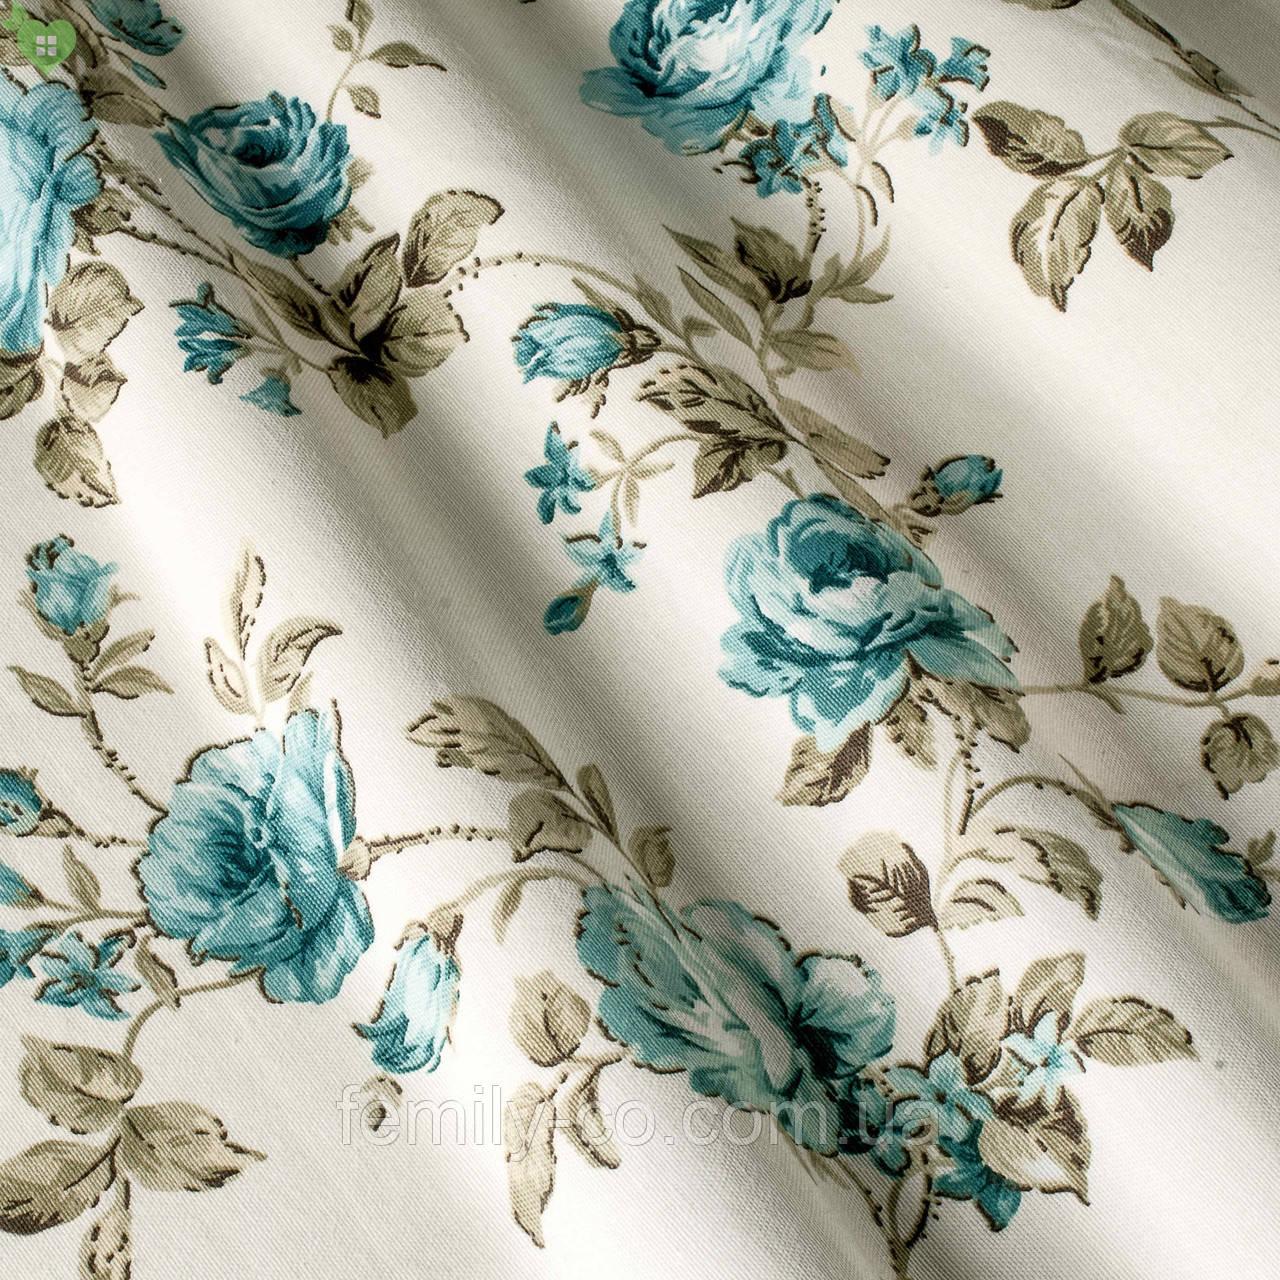 Декоративная ткань крупные голубые розочки на веточках с открытыми и закрытыми бутонами Турция 82586v11